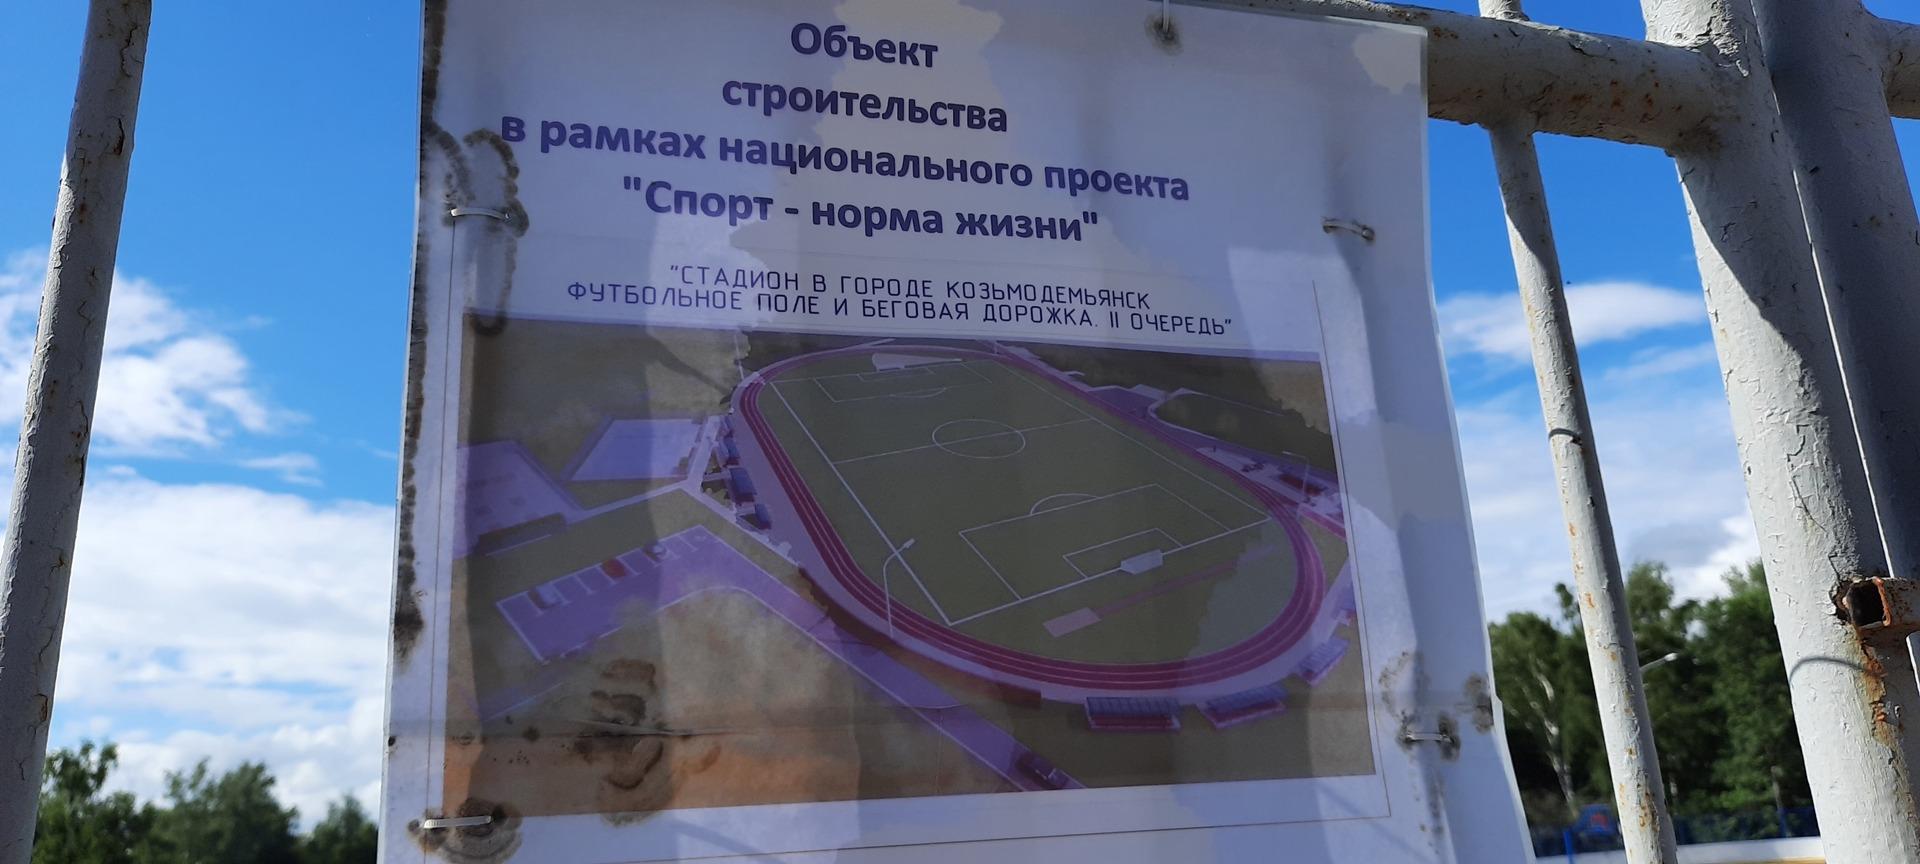 В Козьмодемьянске продолжилось строительство стадиона